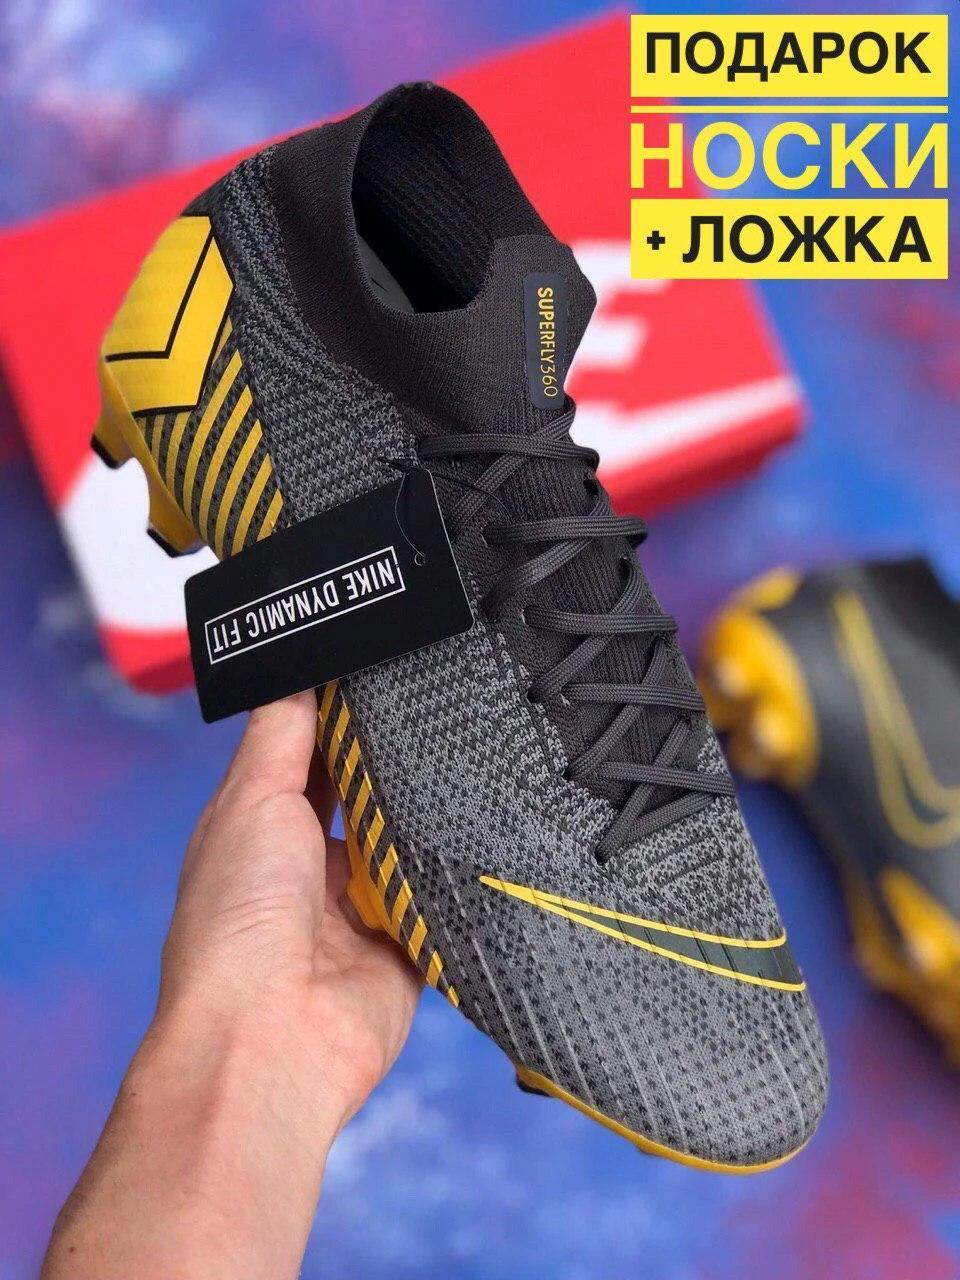 Бутси Nike Mercurial Game Over/найк меркуриал гейм овер(репліка)